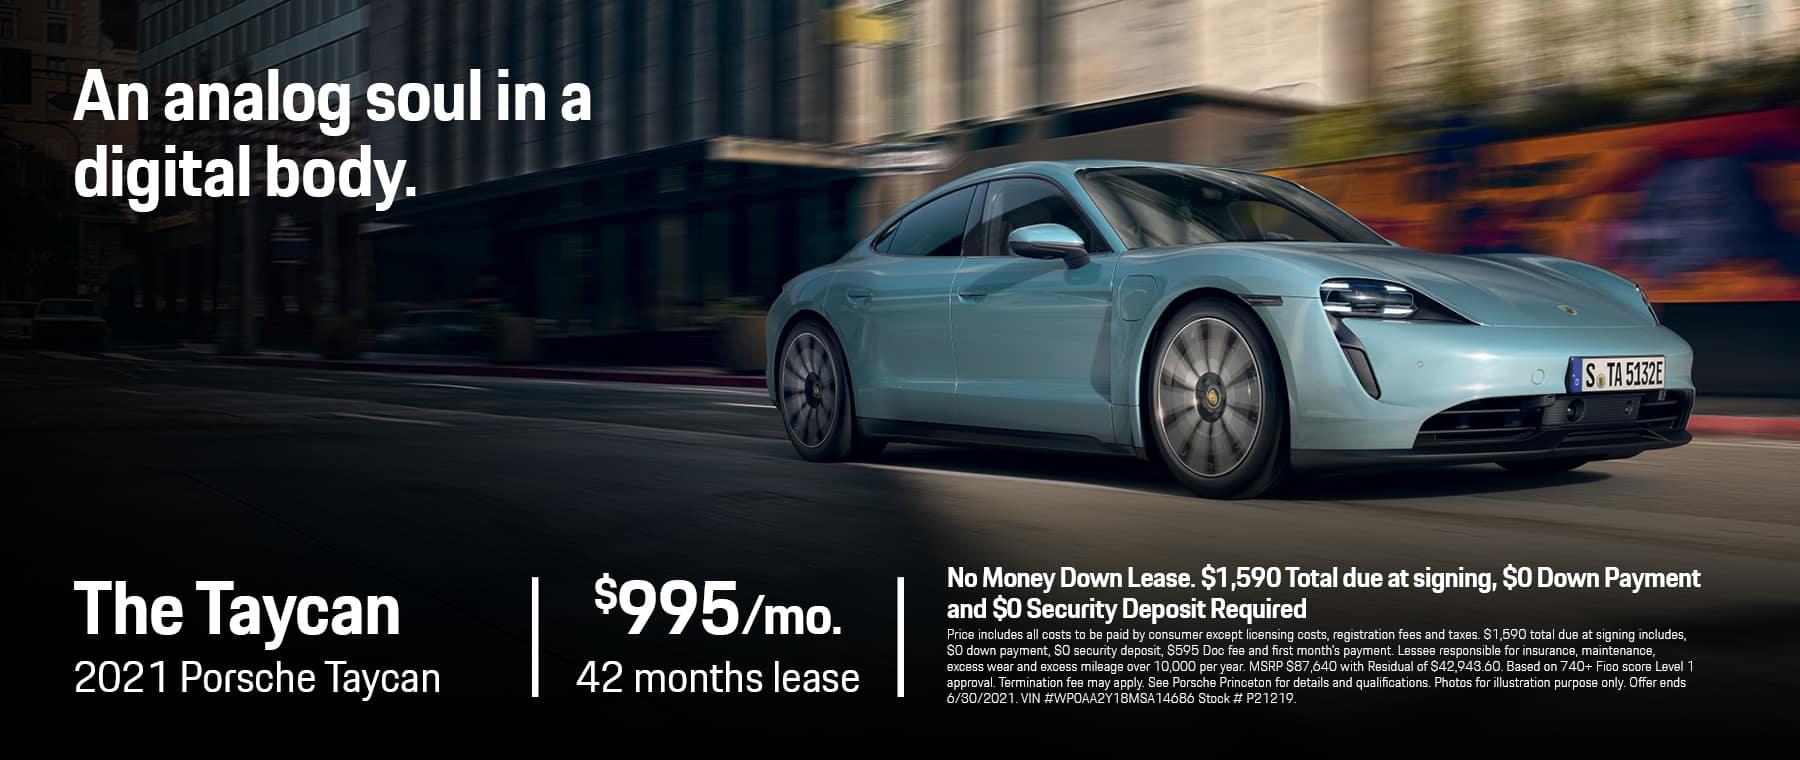 3. Porsche Princeton 1800×760 April 2021 2021 Porsche Taycan